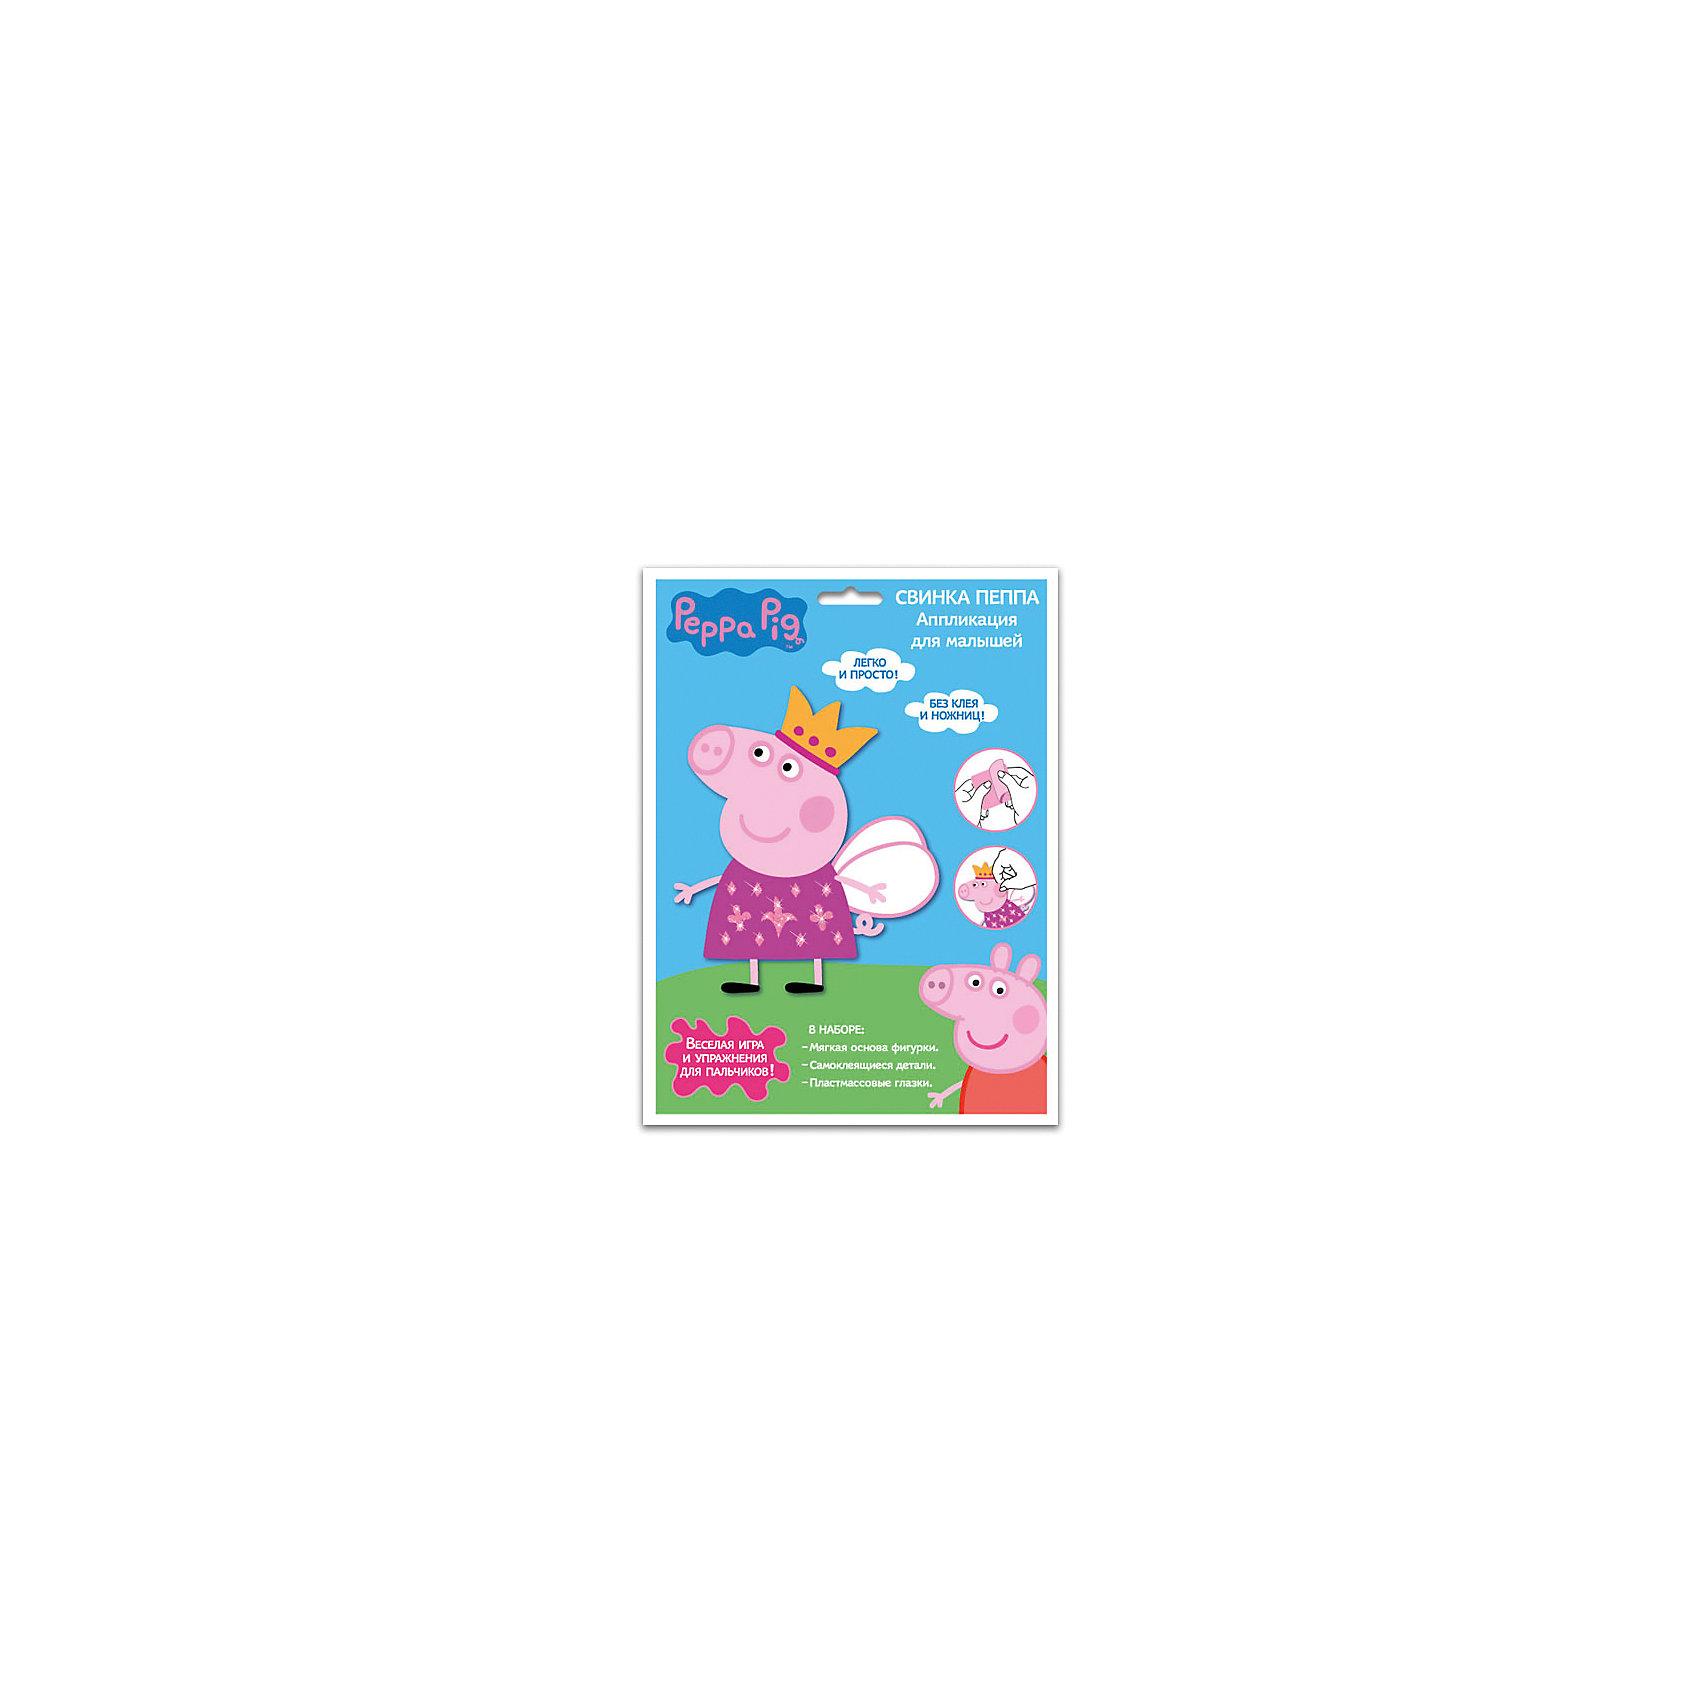 Объемная аппликация Свинка ПеппаБумага<br>Объемная аппликация Свинка Пеппа (Peppa Pig), Свинка Пеппа - увлекательный набор для детского творчества, который поможет Вашему ребенку без ножниц и клея сделать фигурку любимой героини. Аппликация проста в исполнении и доступна даже для самых маленьких. Малышу нужно<br>лишь снять защитный слой с самоклеящихся деталей и наклеить их на цветную основу. Прикрепите готовой фигурке глазки и украсьте блестящими украшениями - у Вас получится очаровательная свинка Пеппа из популярного мультсериала Свинка Пеппа (Peppa Pig). Детали аппликации выполнены из мягкого материала ЭВА, легко приклеиваются и прочно держатся. Работа с аппликацией развивает у ребенка цветовое восприятие, образно-логическое мышление, пространственное воображение и мелкую моторику.<br><br>Дополнительная информация:<br><br>- В комплекте: мягкая основа фигурки, самоклеящиеся детали, блестящие детали с глиттером, пластиковые глазки.<br>- Размер фигурки: 19 х 16,5 см.<br>- Размер упаковки: 18 х 24 см.<br>- Вес: 54 гр.<br><br>Объемную аппликацию Свинка Пеппа (Peppa Pig), Свинка Пеппа, можно купить в нашем интернет-магазине.<br><br>Ширина мм: 240<br>Глубина мм: 180<br>Высота мм: 8<br>Вес г: 37<br>Возраст от месяцев: 36<br>Возраст до месяцев: 72<br>Пол: Унисекс<br>Возраст: Детский<br>SKU: 4244185